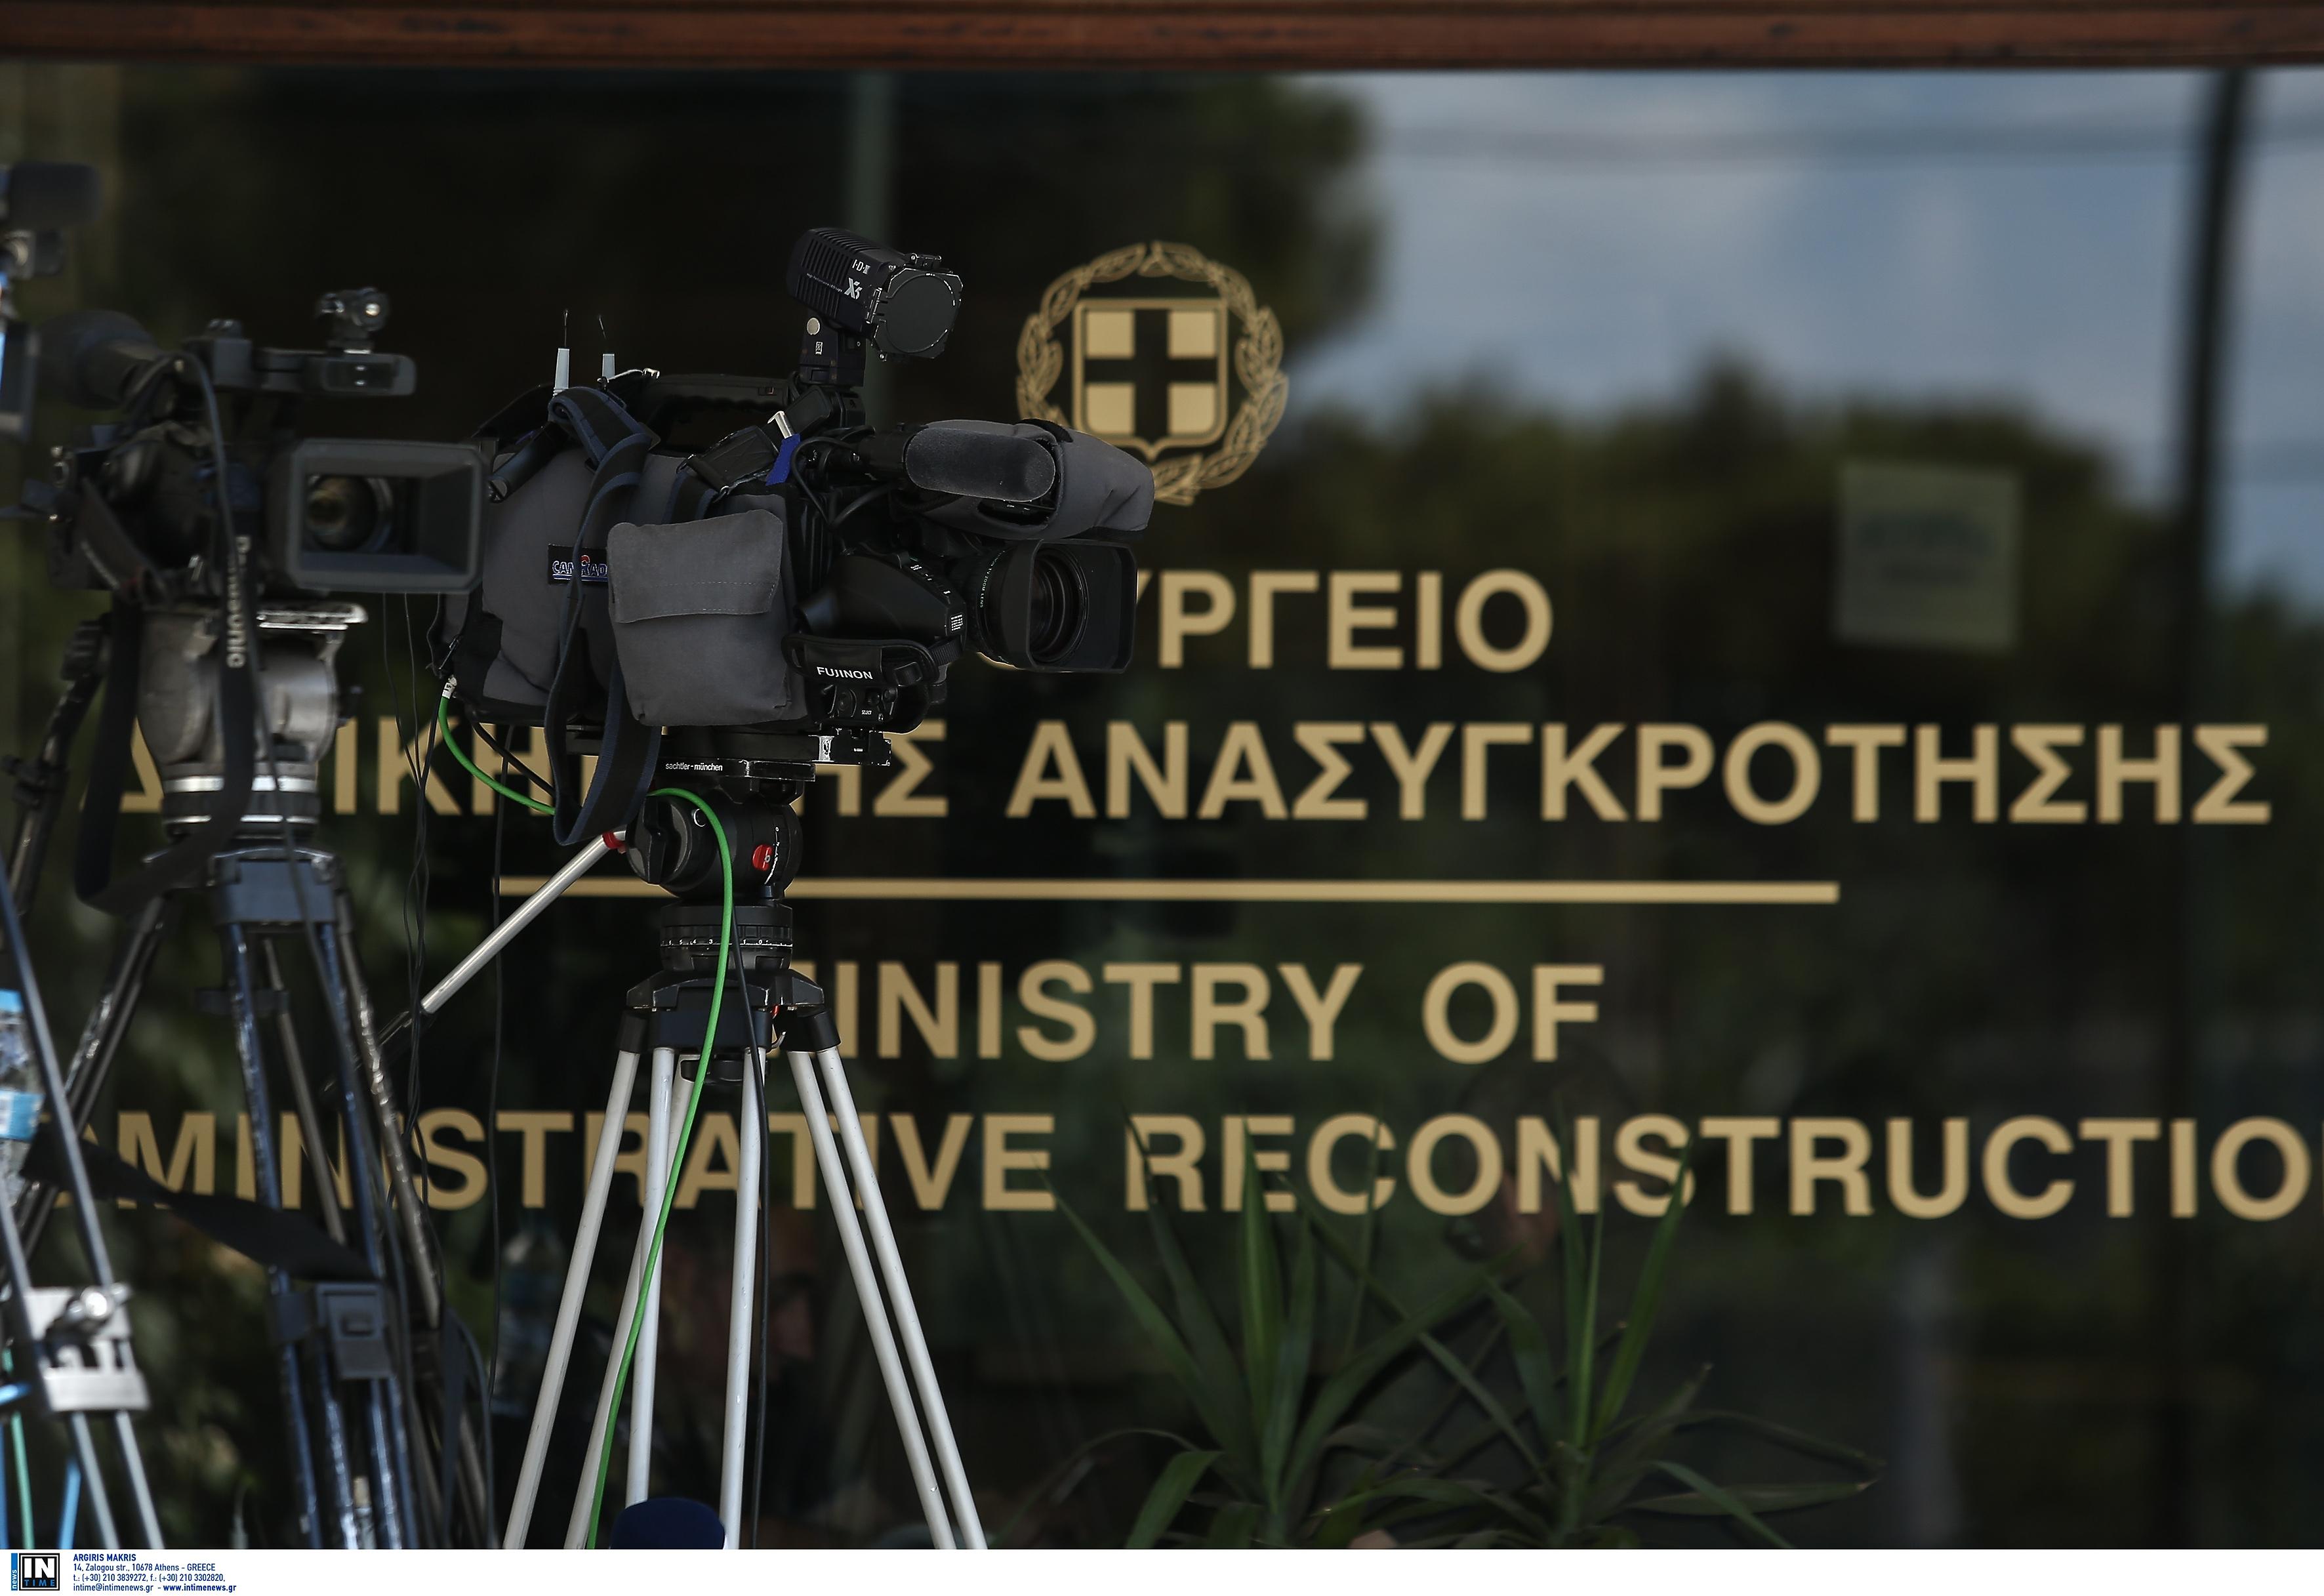 Τέλος ο μήνας του μέλιτος κυβέρνησης - δανειστών! Ζητούν εξασφαλίσεις ότι θα επιτευχθεί ο στόχος για πλεόνασμα 3,5% - Το Plan B της Αθήνας